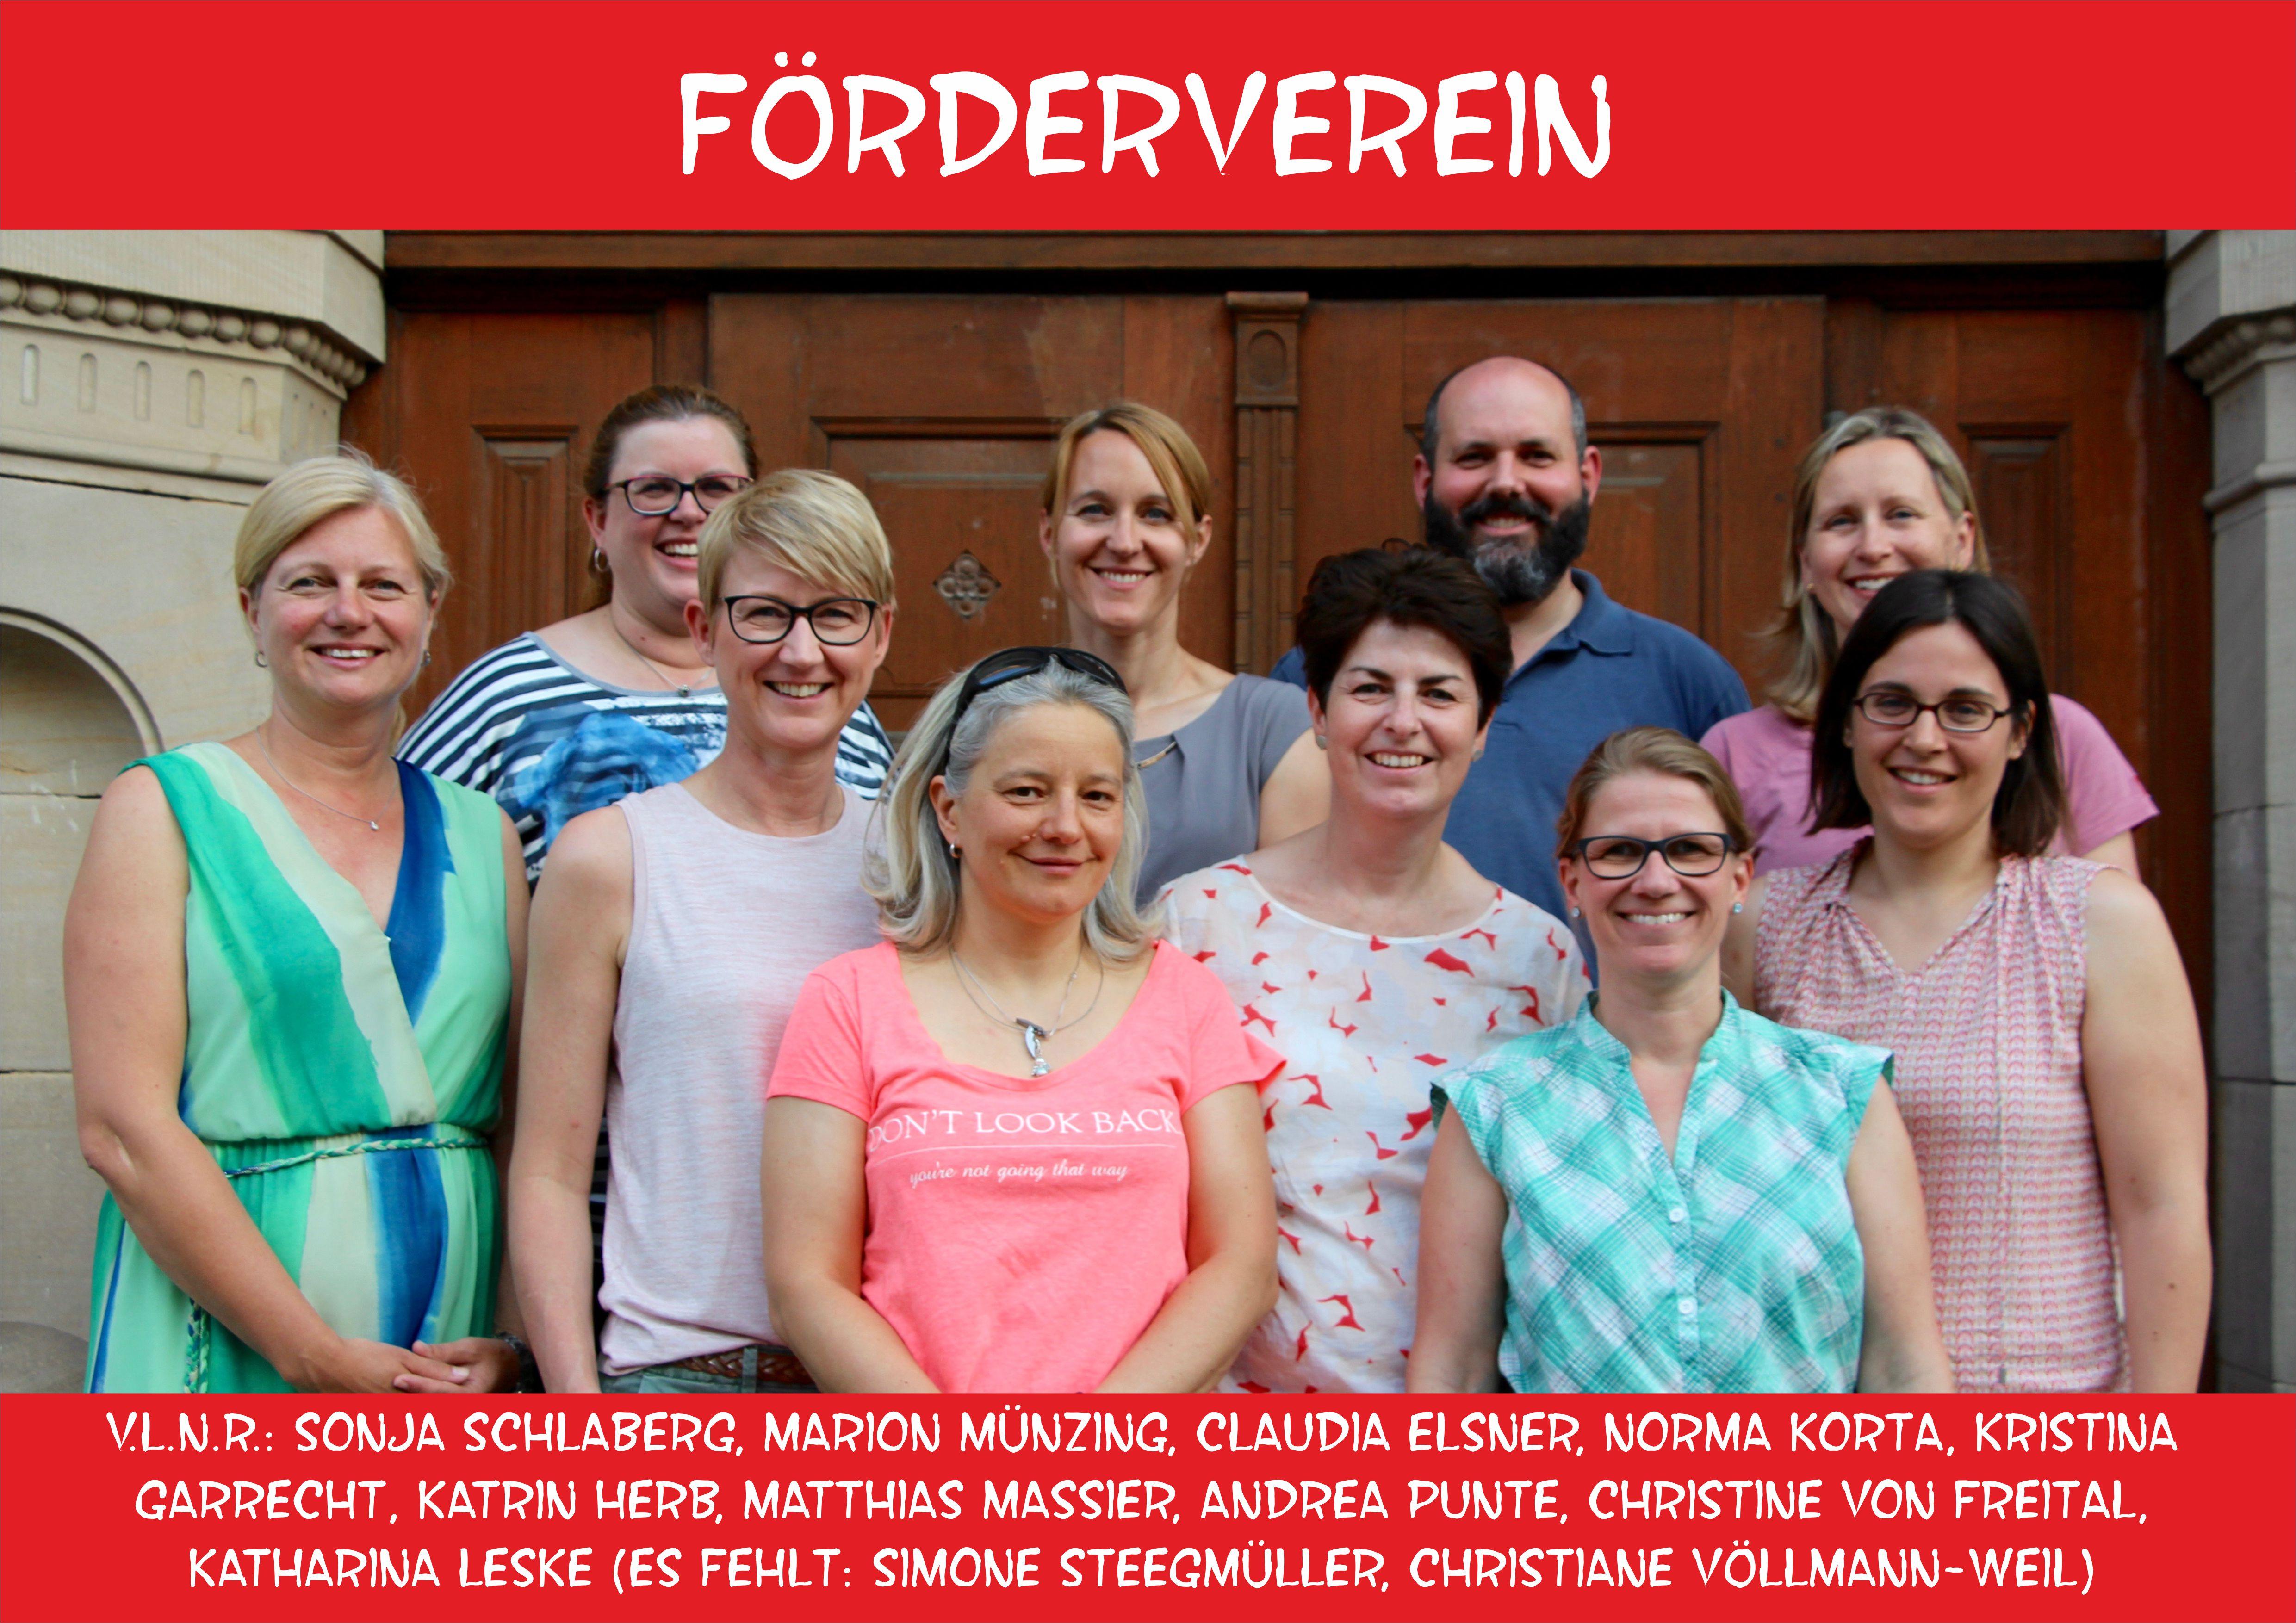 Foerderverein_2017_niedrige_Aufloesung